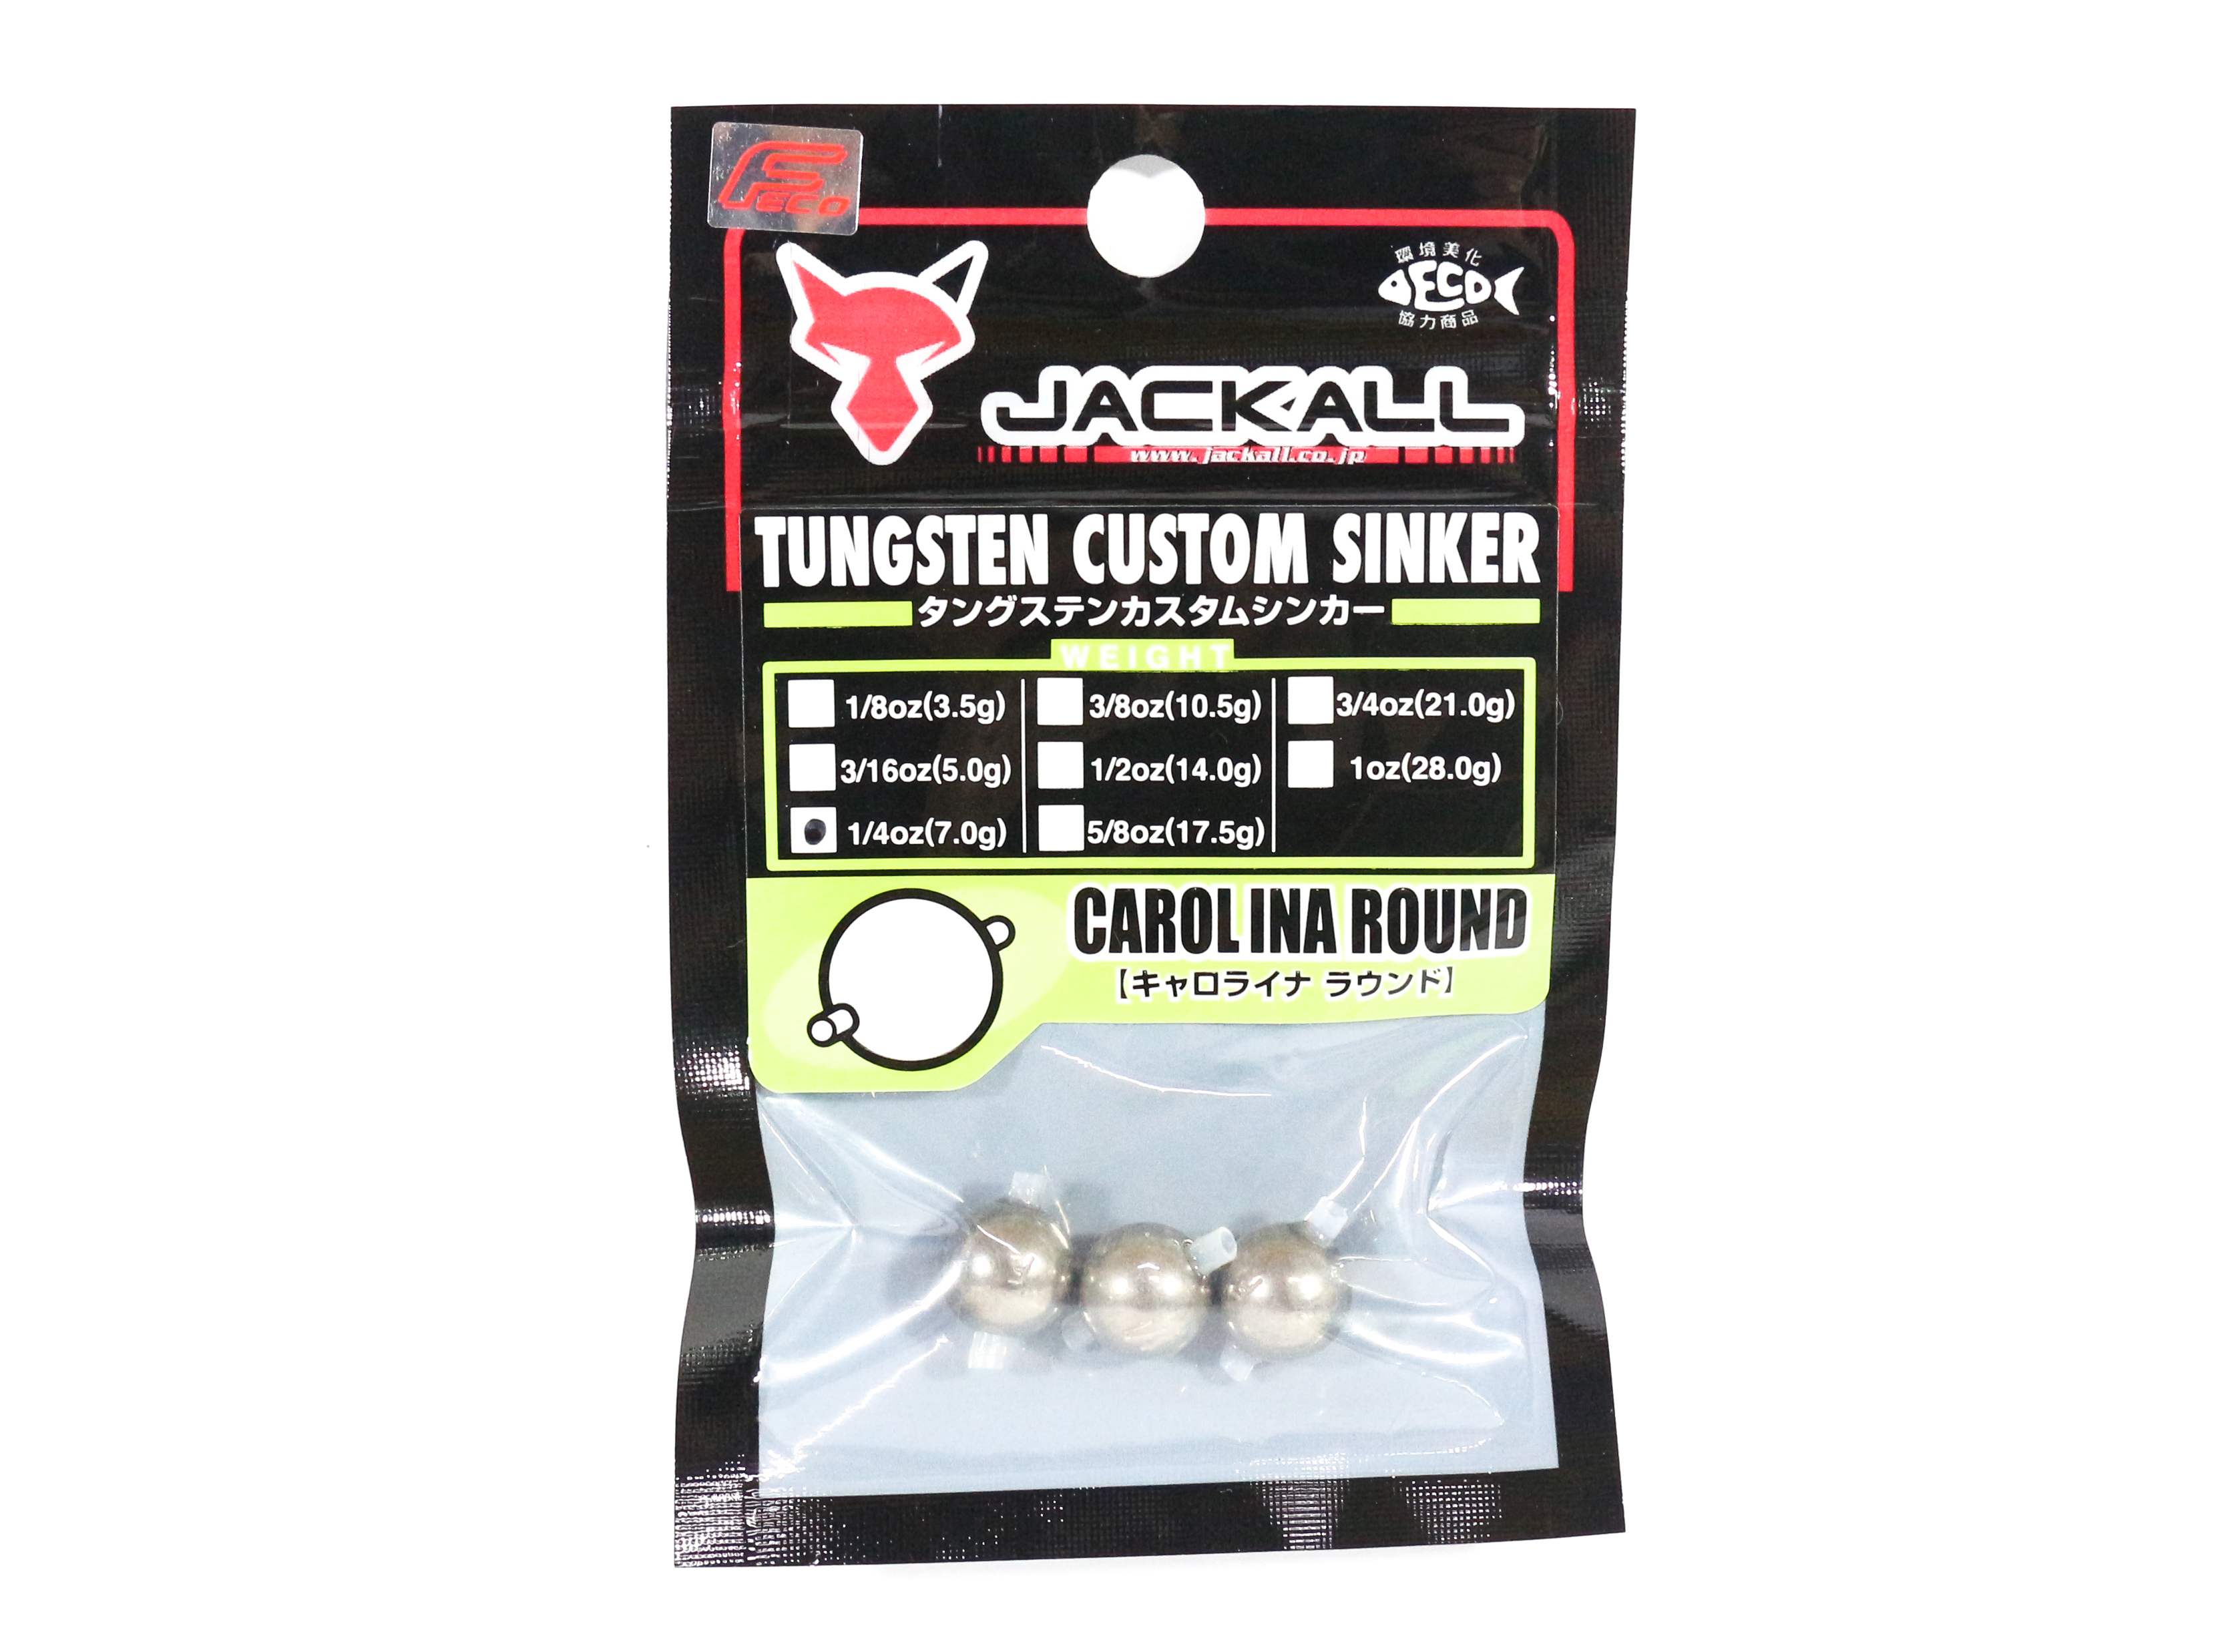 Jackall Tungsten Sinker Carolina Round Custom Design 7.0 Grams 3 Pcs (4902)